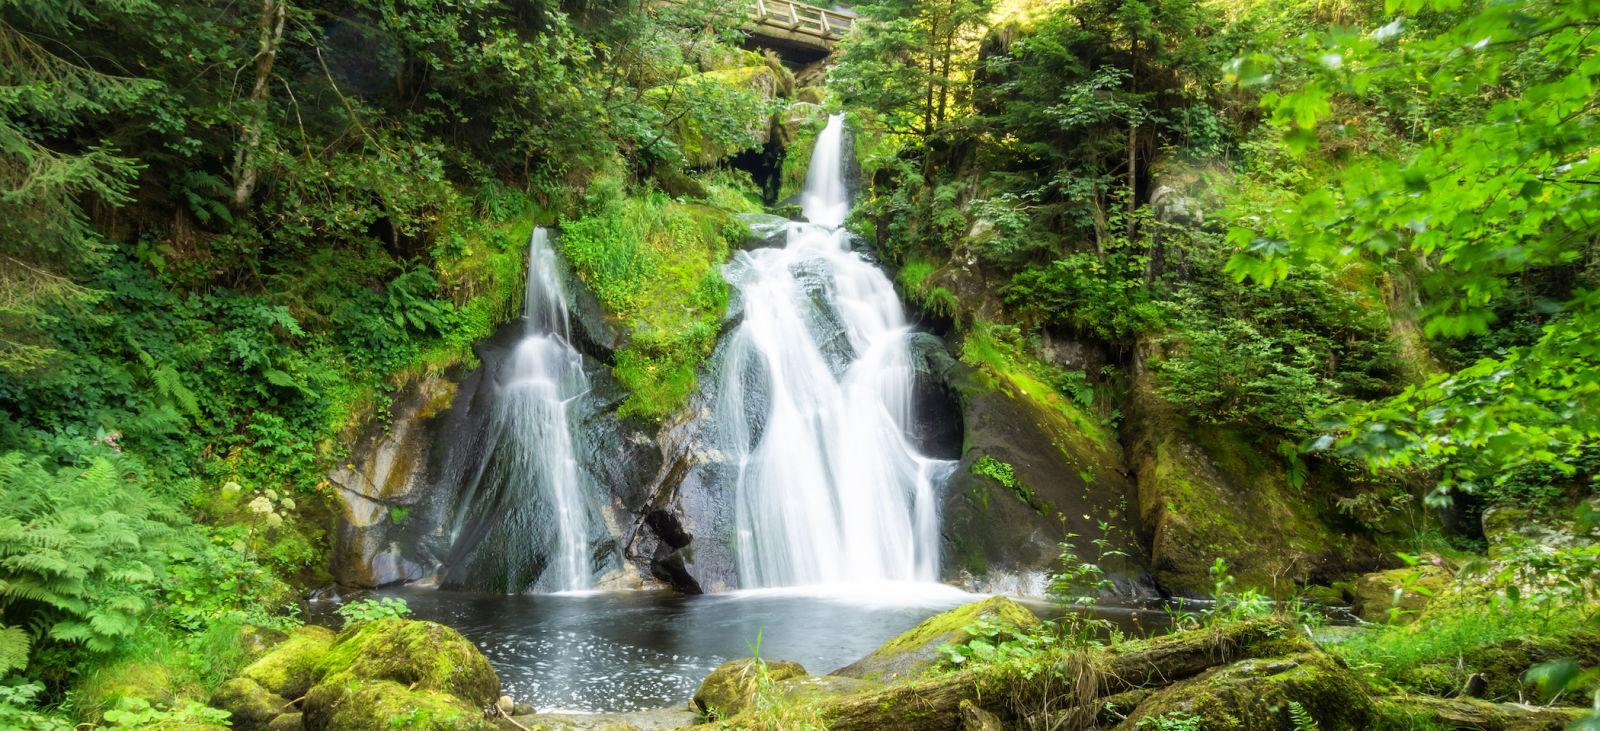 Triberger Wasserfälle, Black Forest